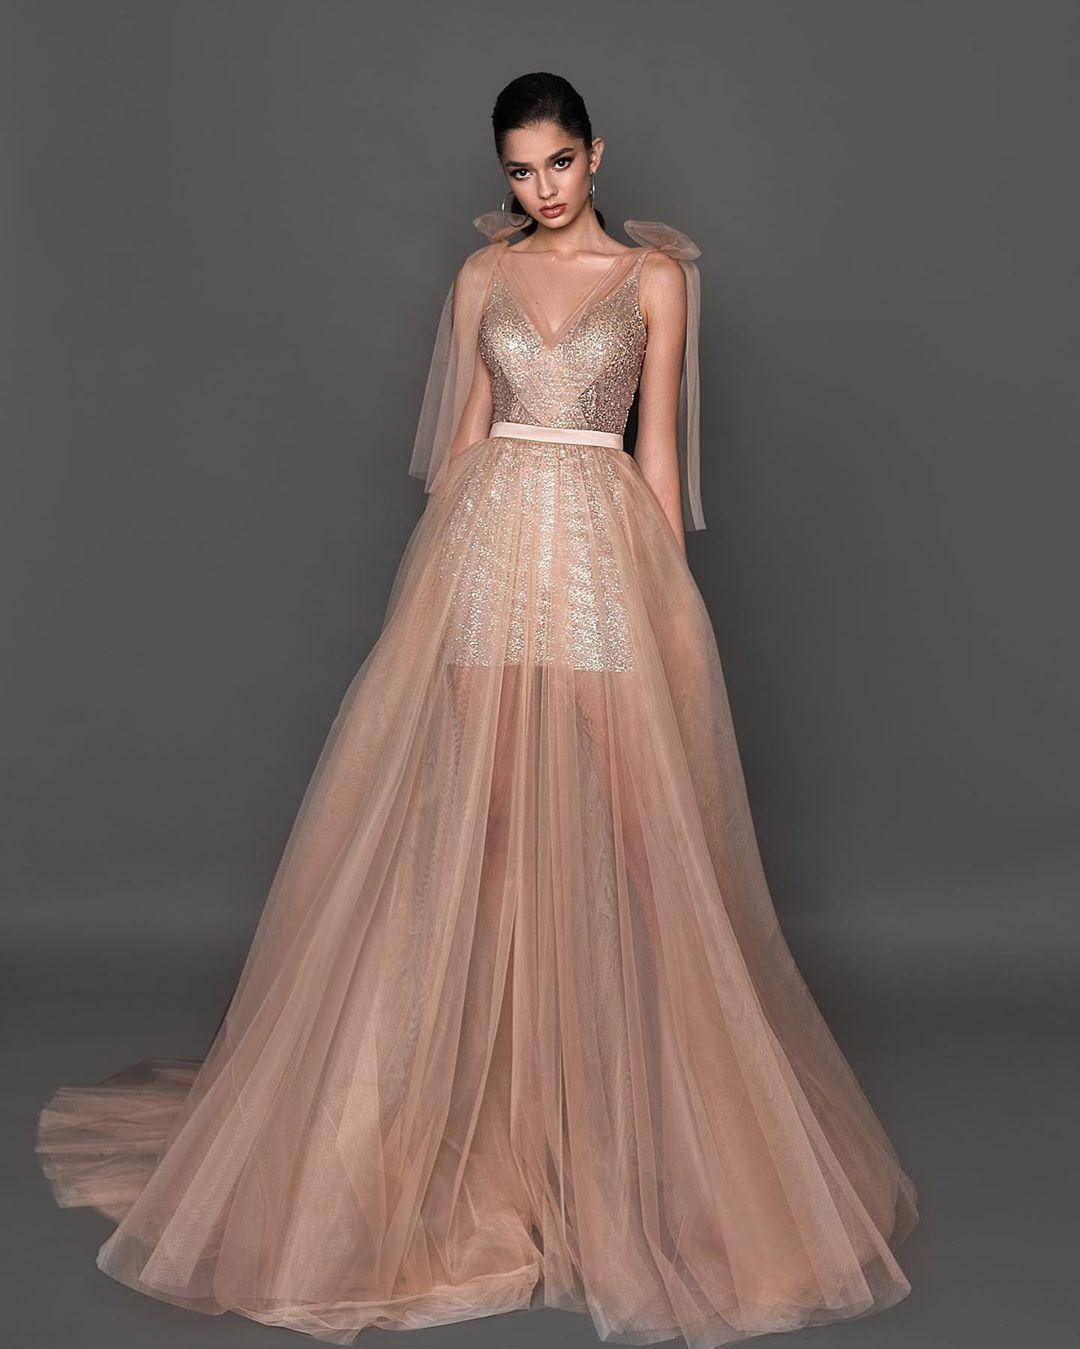 Tendance Mode 101 Des Plus Belles Robes De Soiree 2020 En Photos Belle Robe De Soiree Belle Robe Robe Soiree Courte